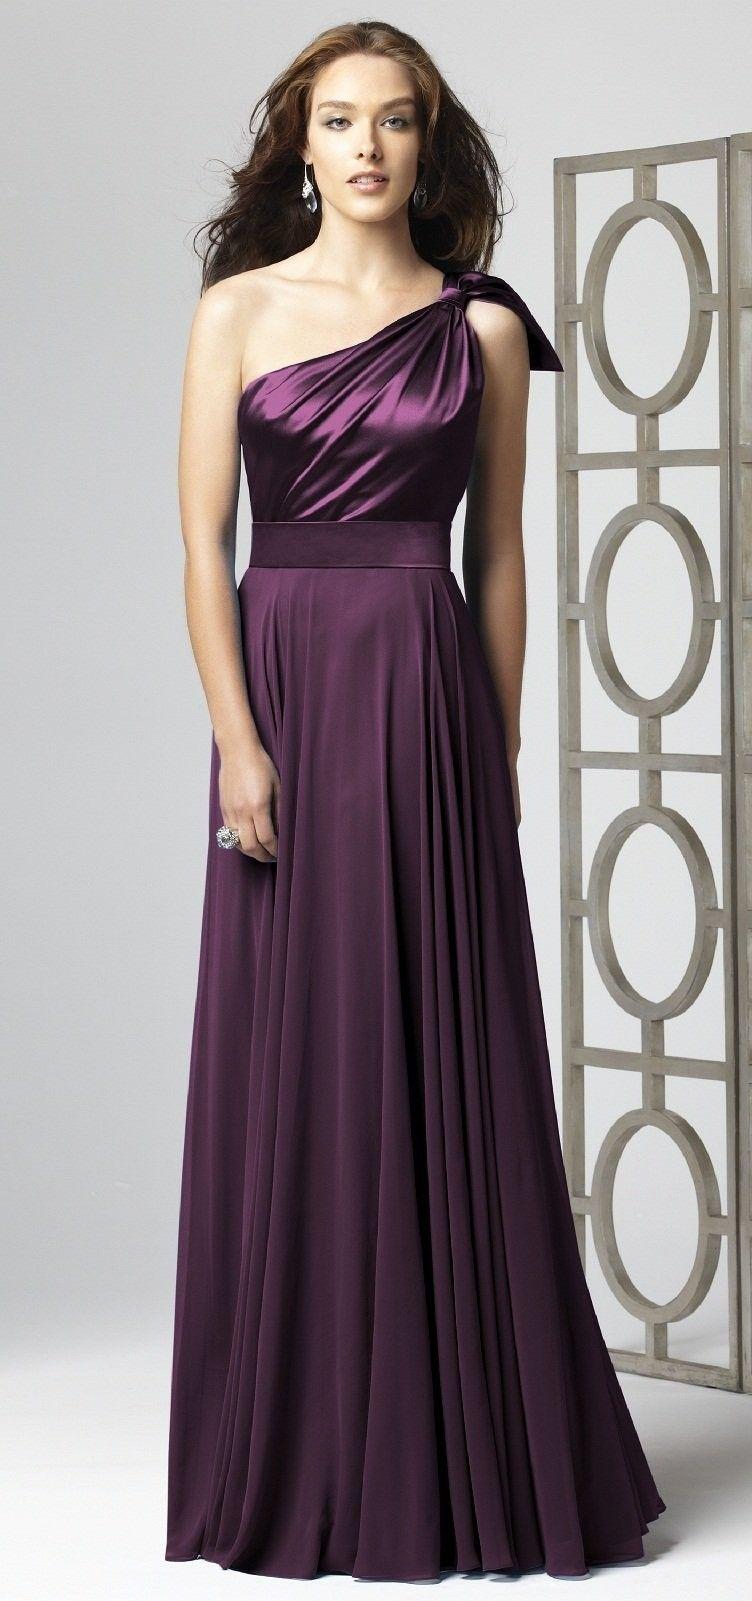 eb6d2c79863 aubergine bridesmaid dress